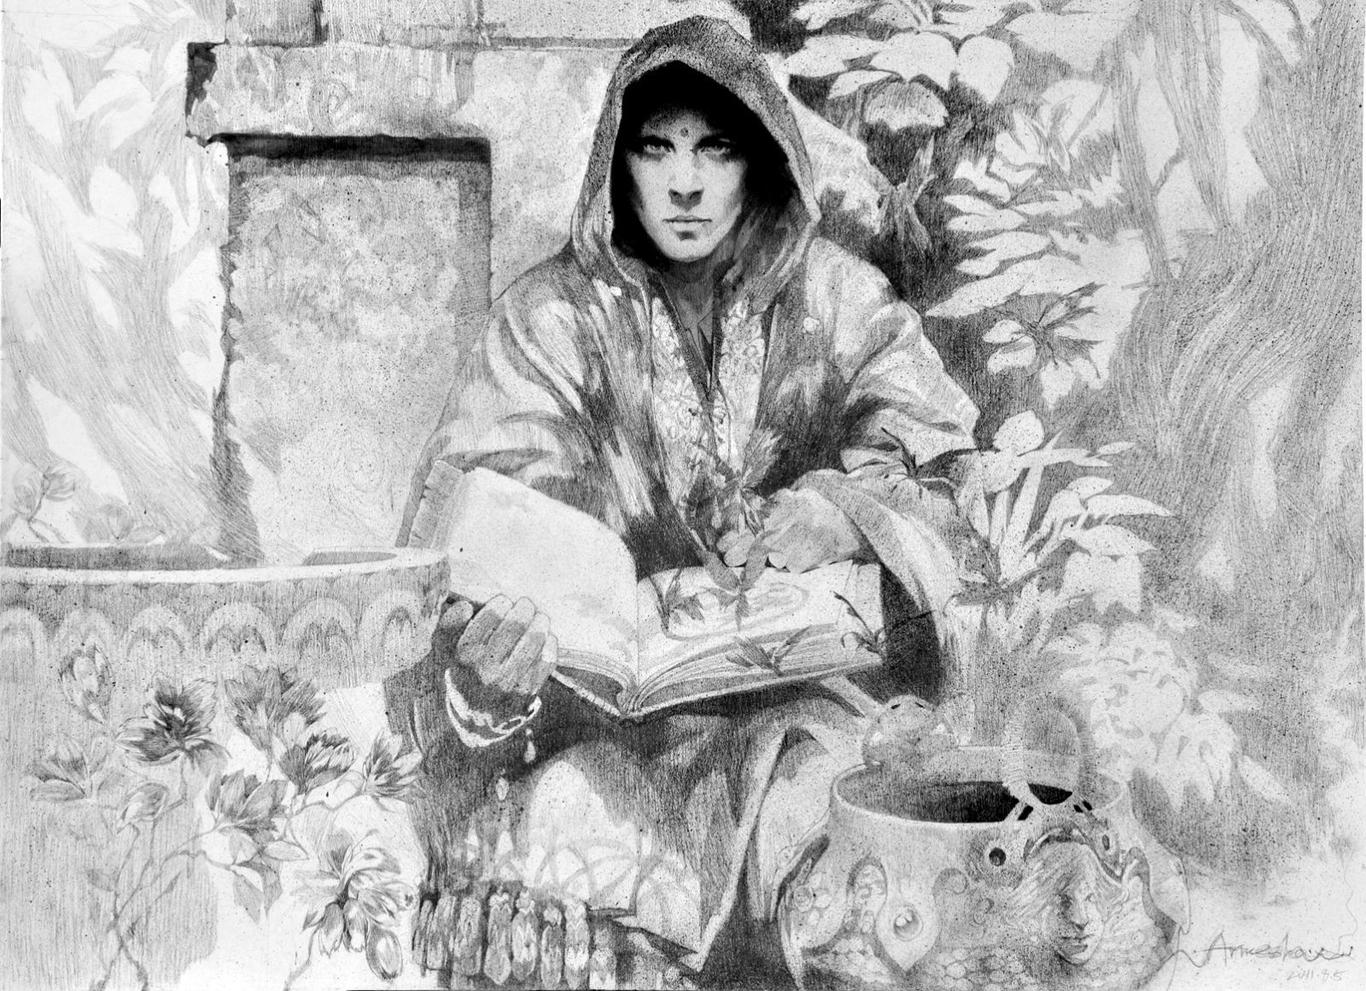 Lusha oriental shaman 1 5caf49c9 rlon